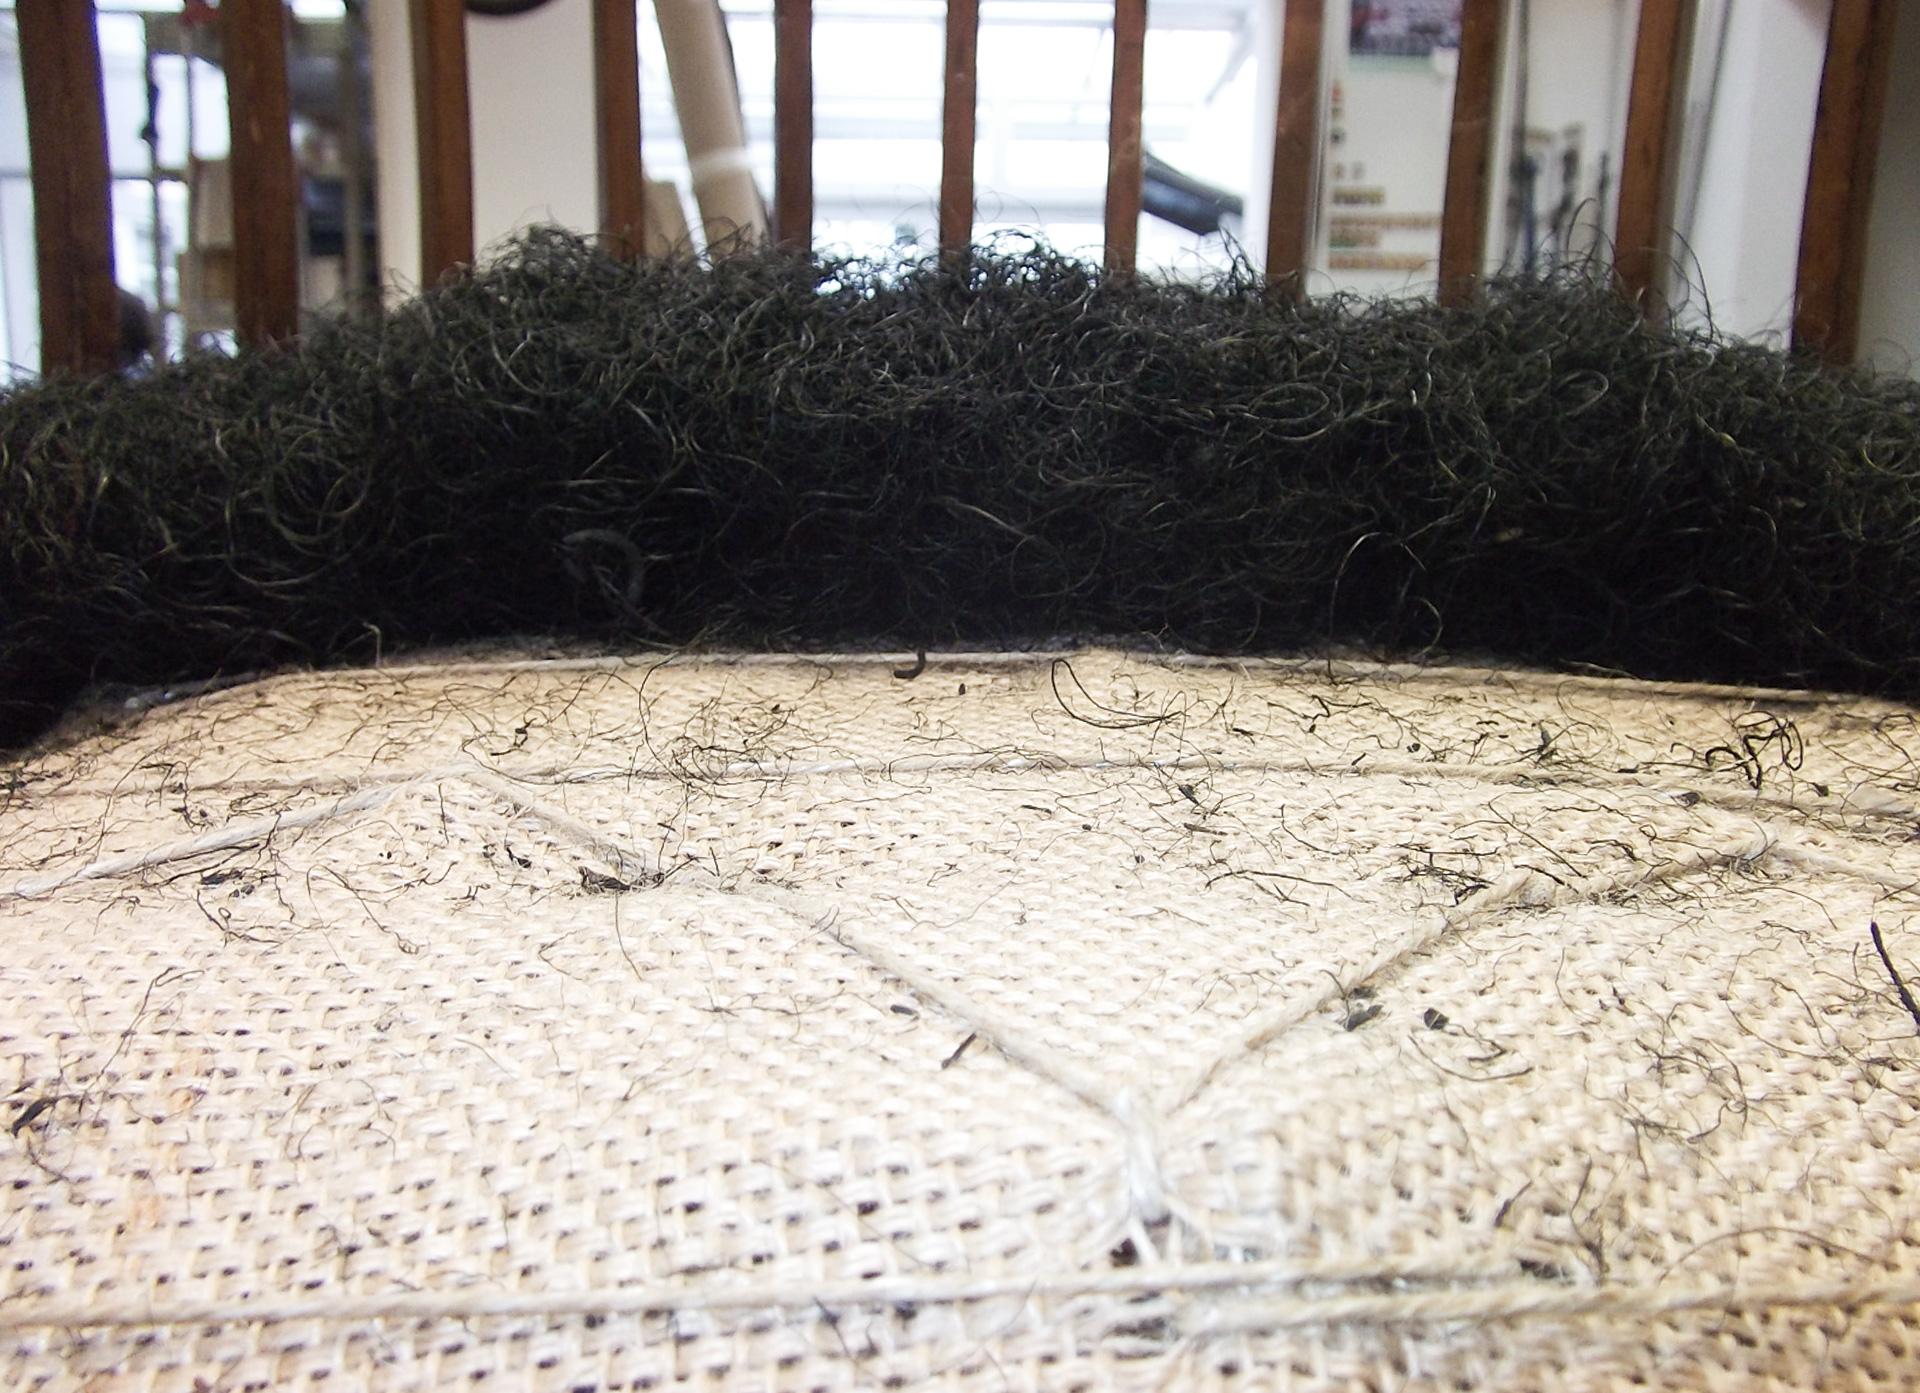 traditionelle polsterung restaurierung von antiquit ten. Black Bedroom Furniture Sets. Home Design Ideas